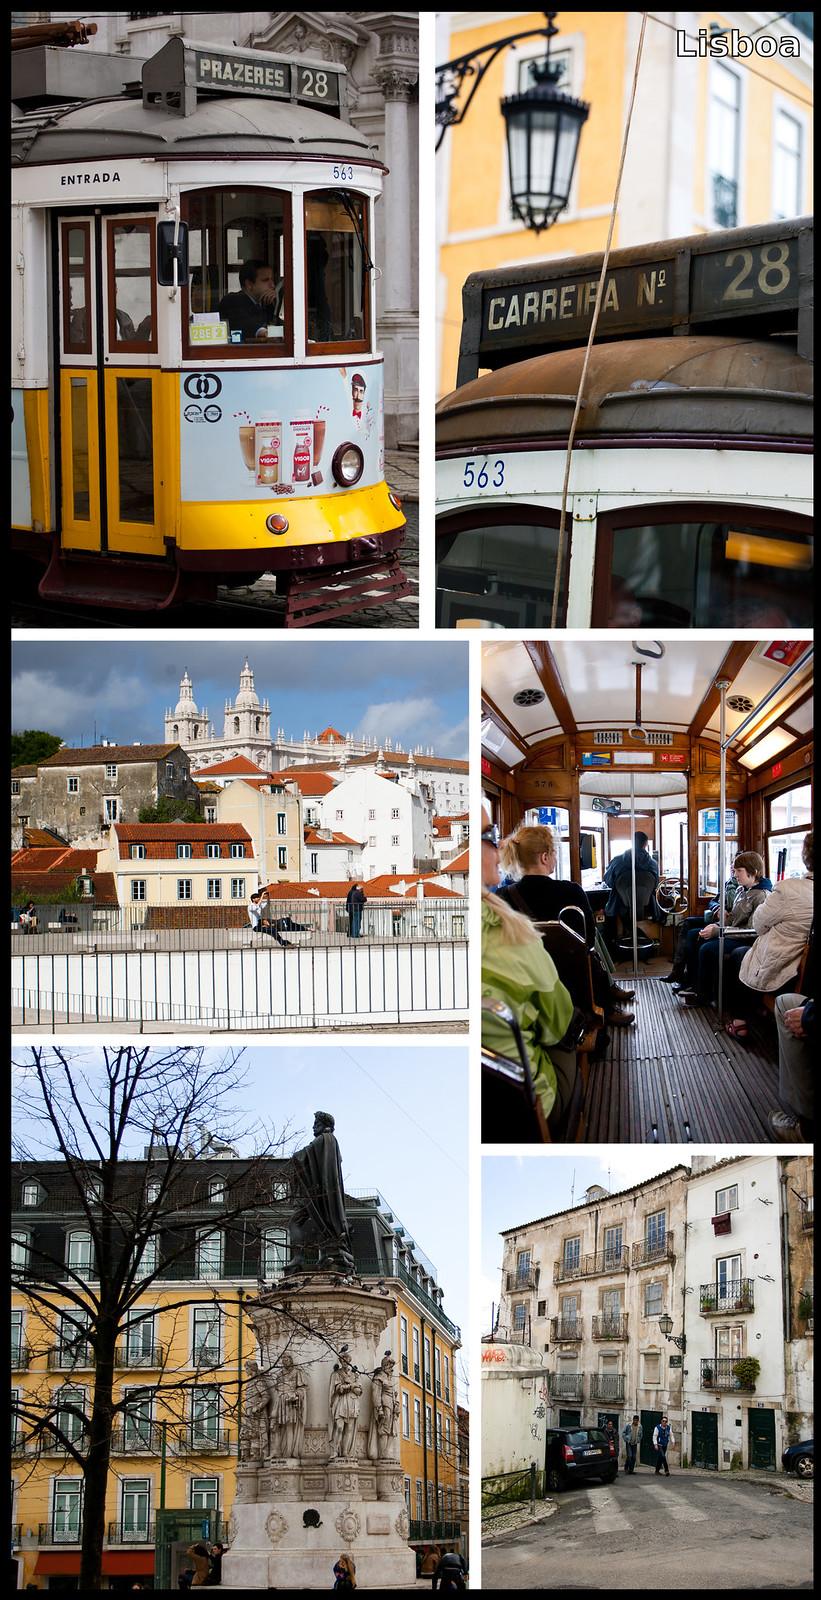 Eléctrico 28, o segredo menos secreto de Lisboa ~ Viagens para ...